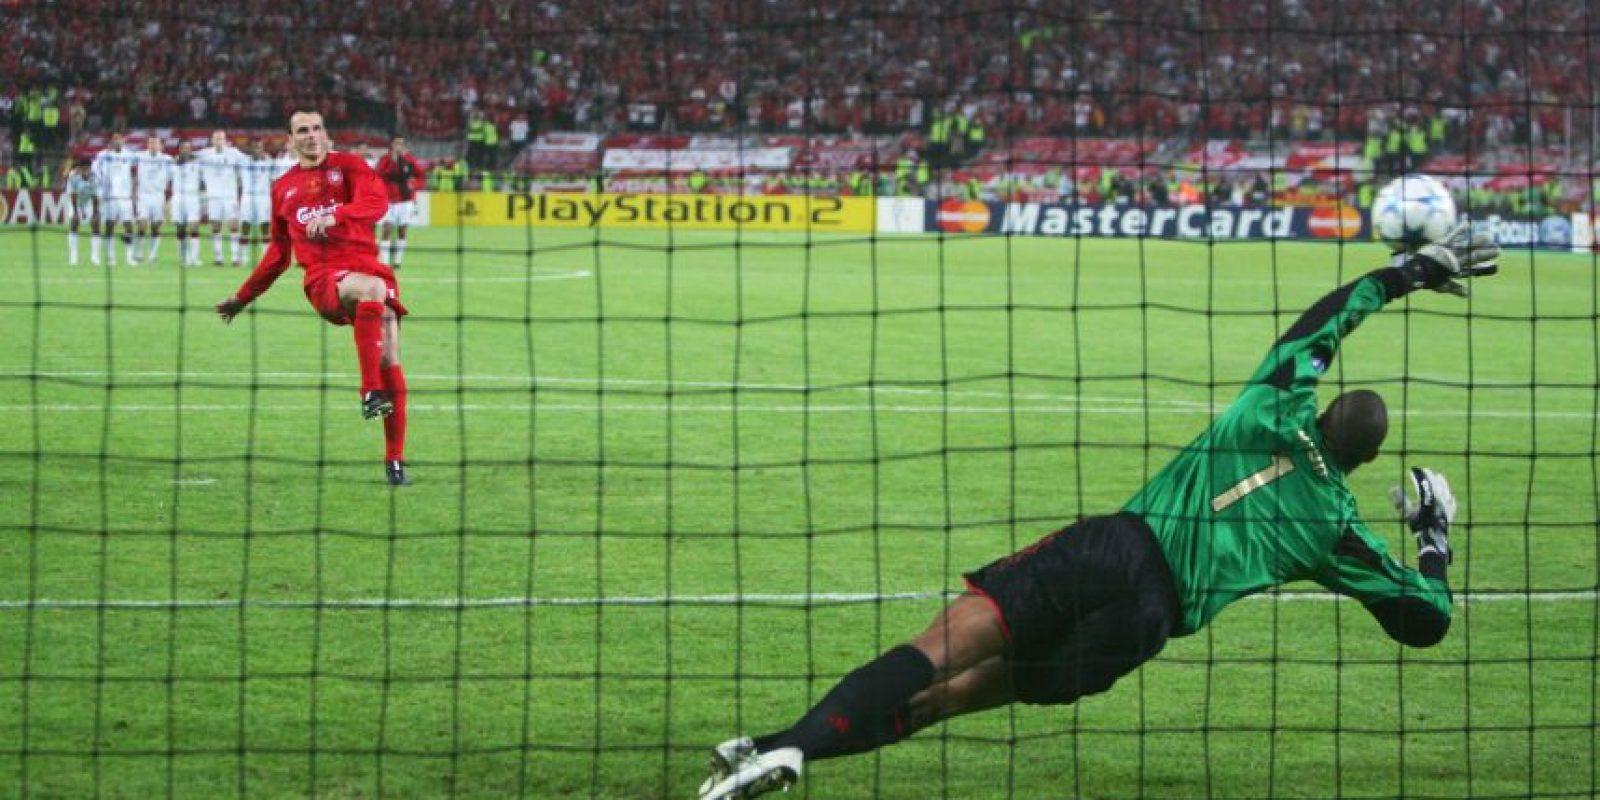 """Al medio tiempo de la final de la Champions League en 2005, Liverpool perdía 3-0 con el AC Milán. Sin embargo, en el segundo tiempo el dramatismo llegó cuando los """"Reds"""" empataron el encuentro y se llevaron la definición a los tiros penales. Ahí, se impusieron por marcador 3-2. Foto:Getty Images"""